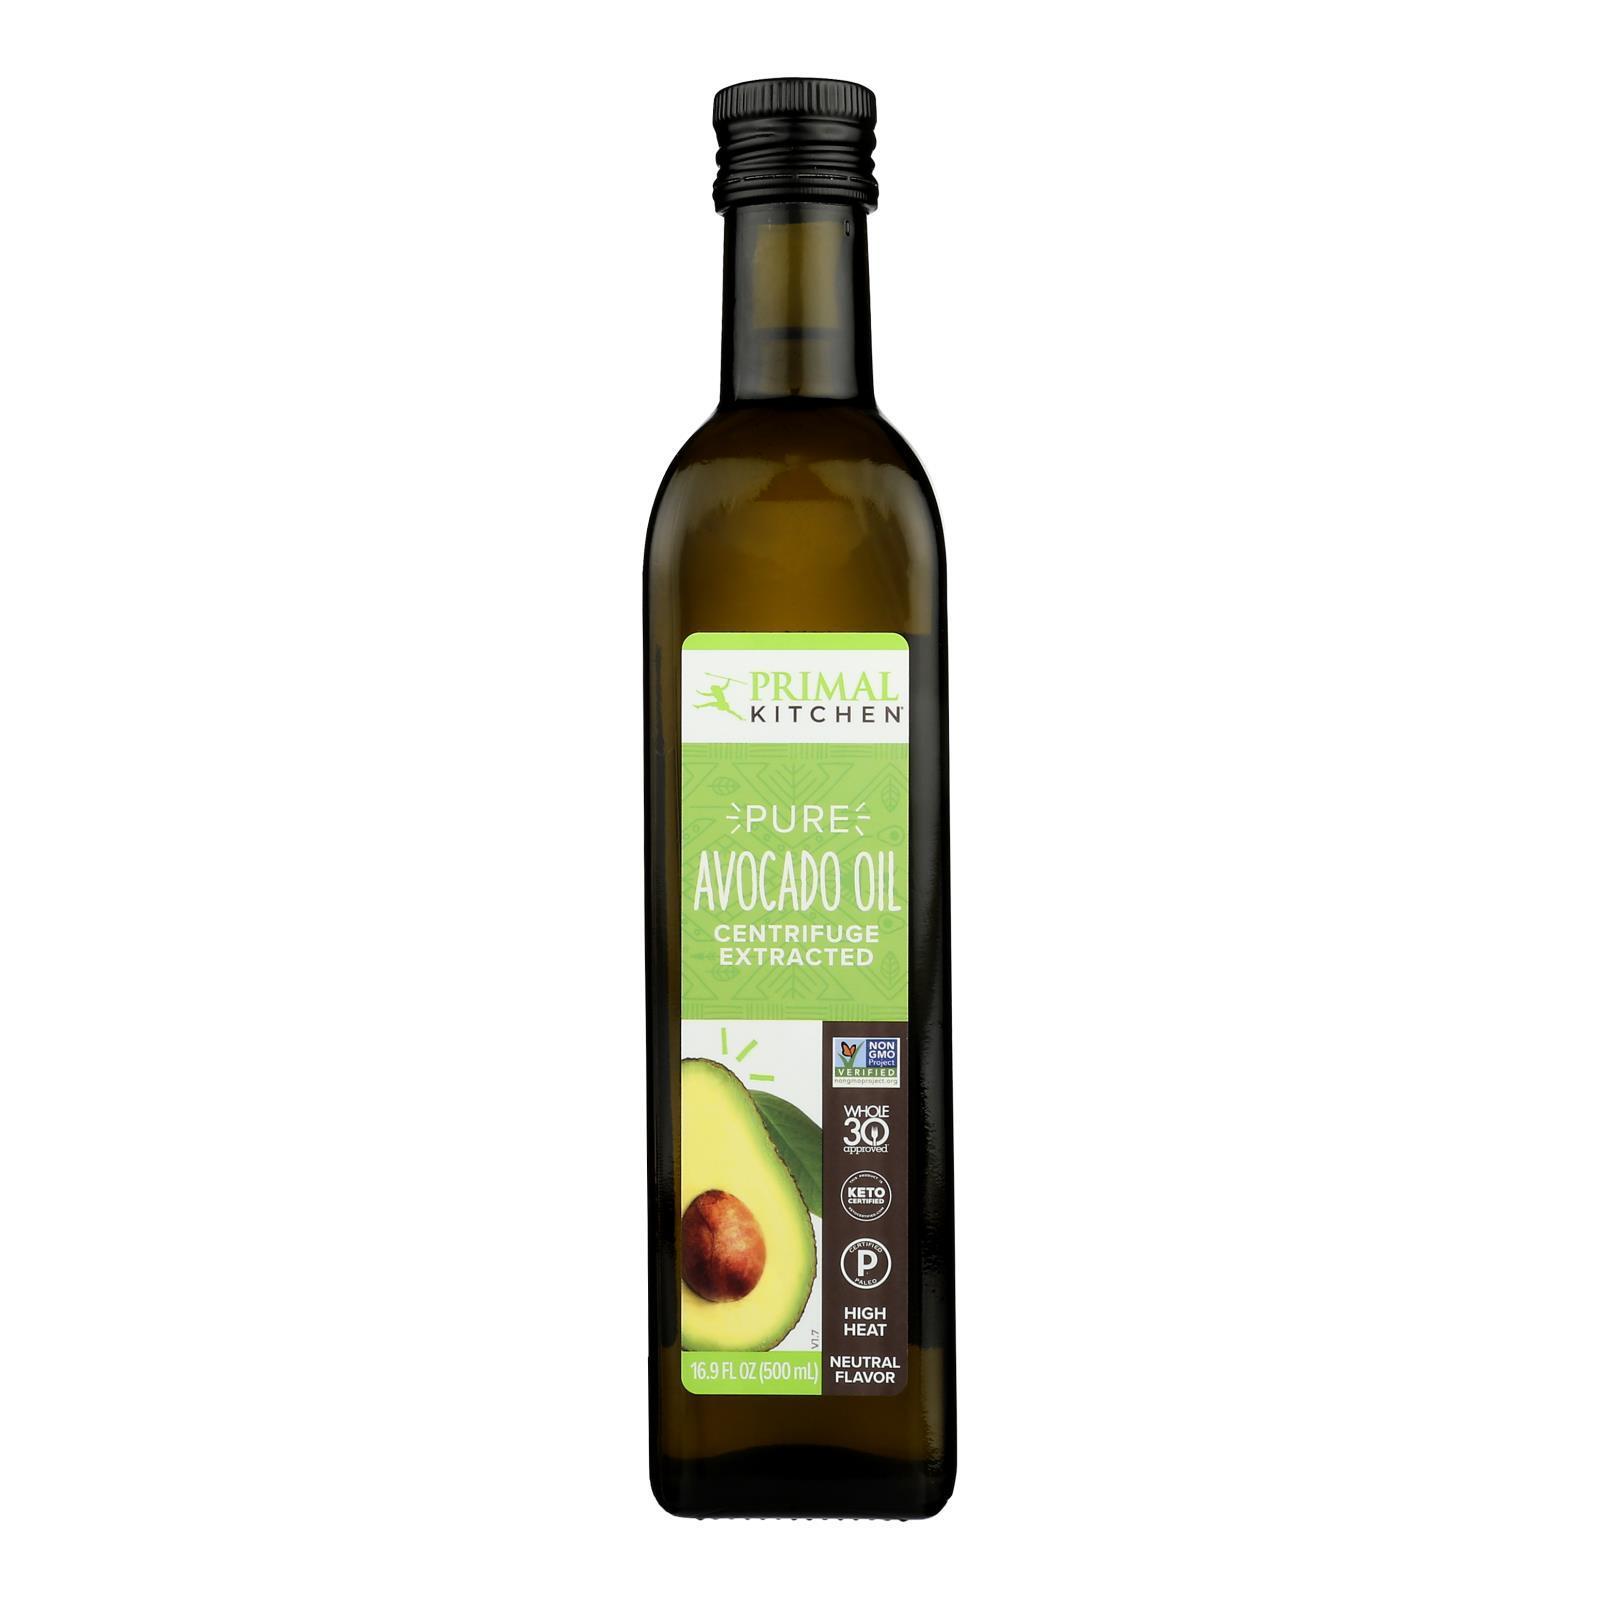 Primal Kitchen Avocado Oil - Case of 6 - 16.9 Fl oz.